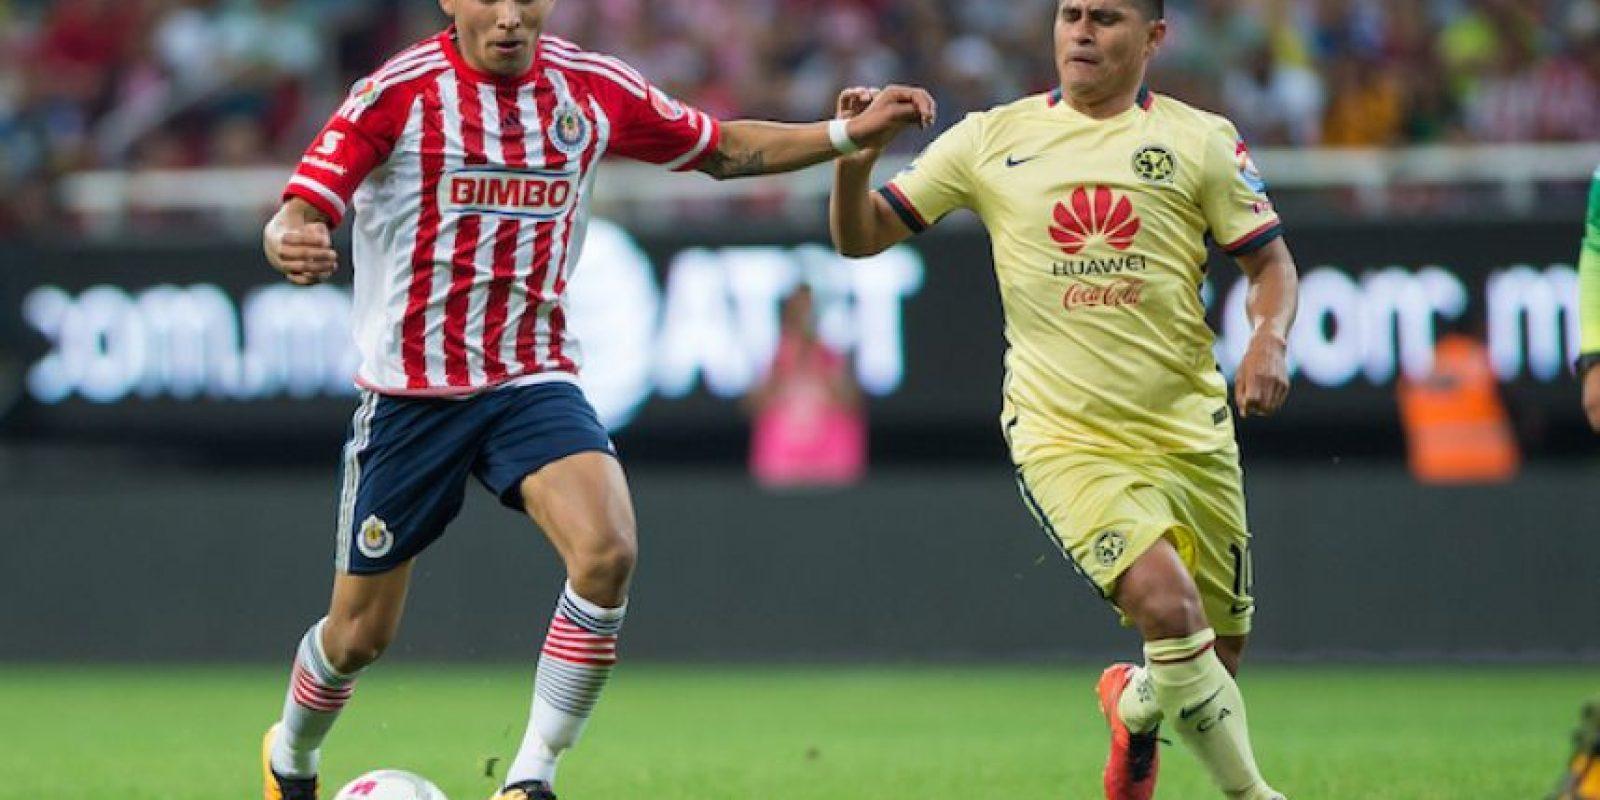 América vs Chivas Foto:Mexsport